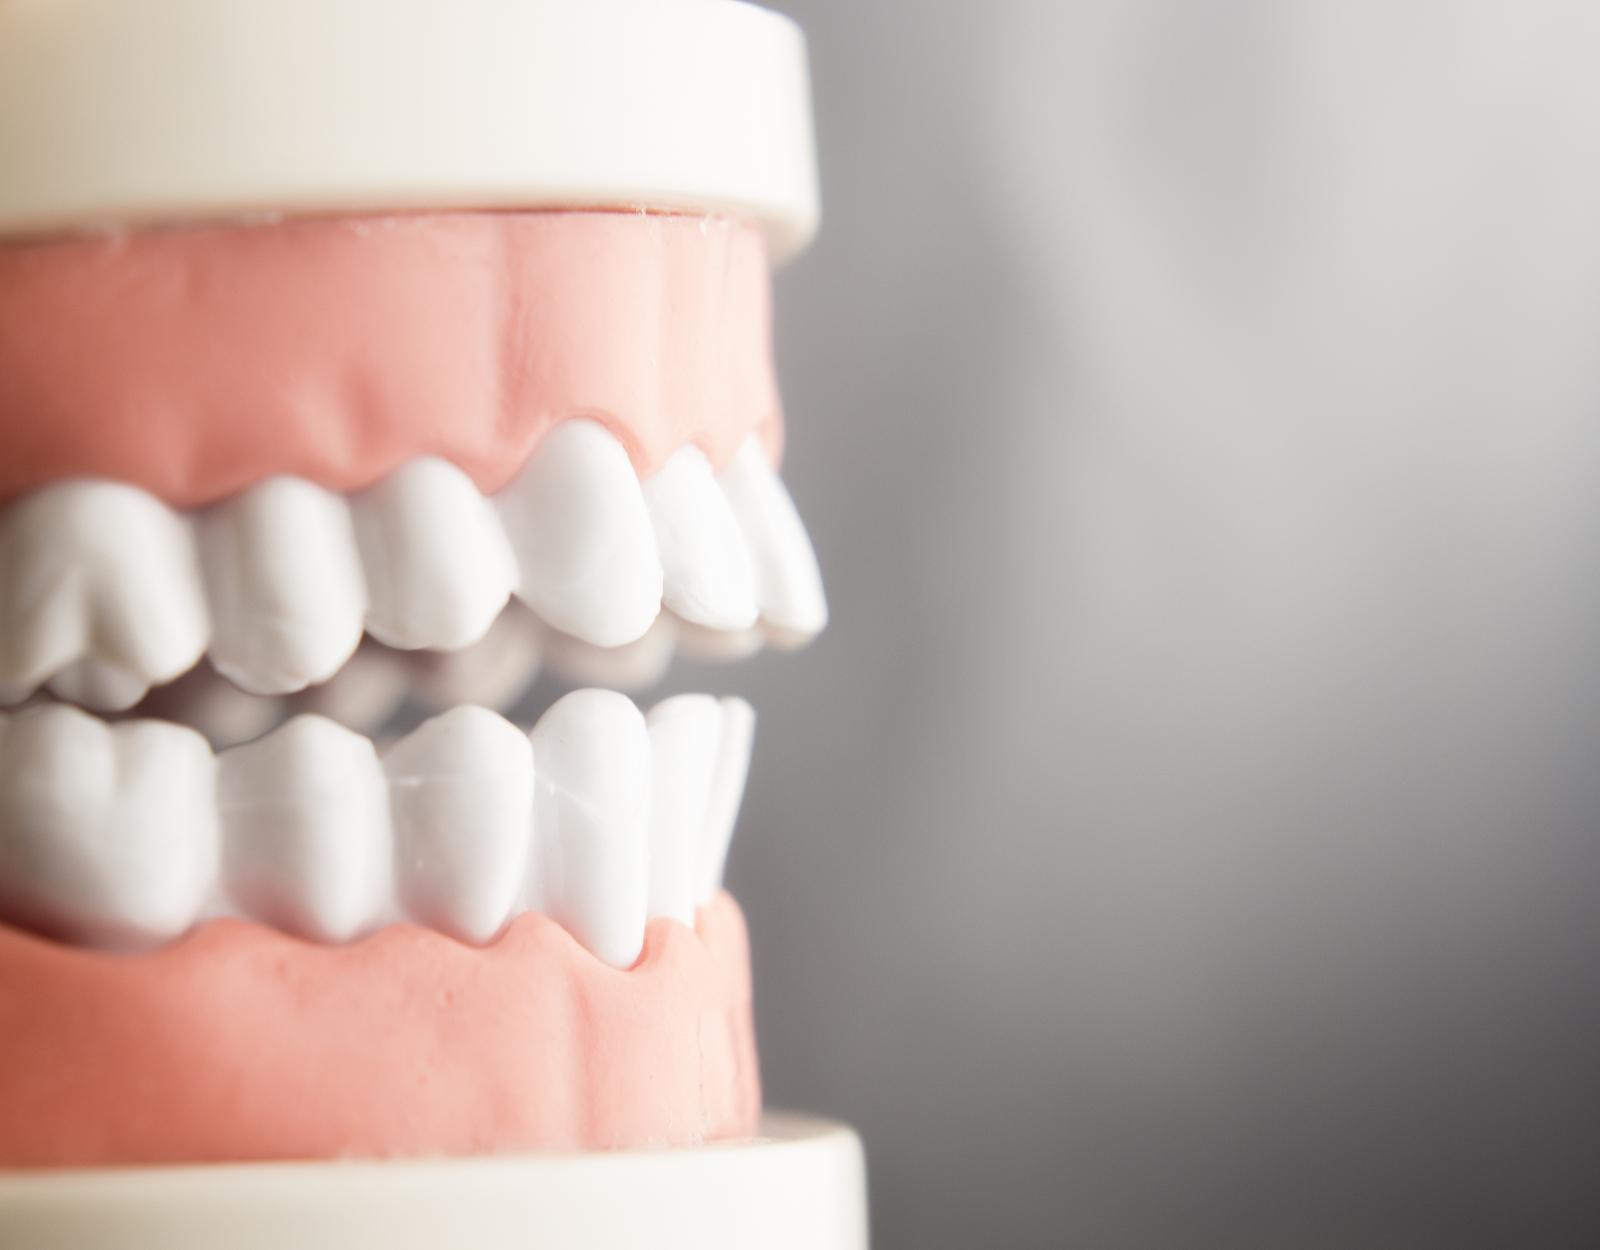 Holistic Dentistry    Babcock Dentistry  - Dr. Julie Babcock DDS   Dentistry by Shane Nelson  - Dr. Shane Nelson DDS